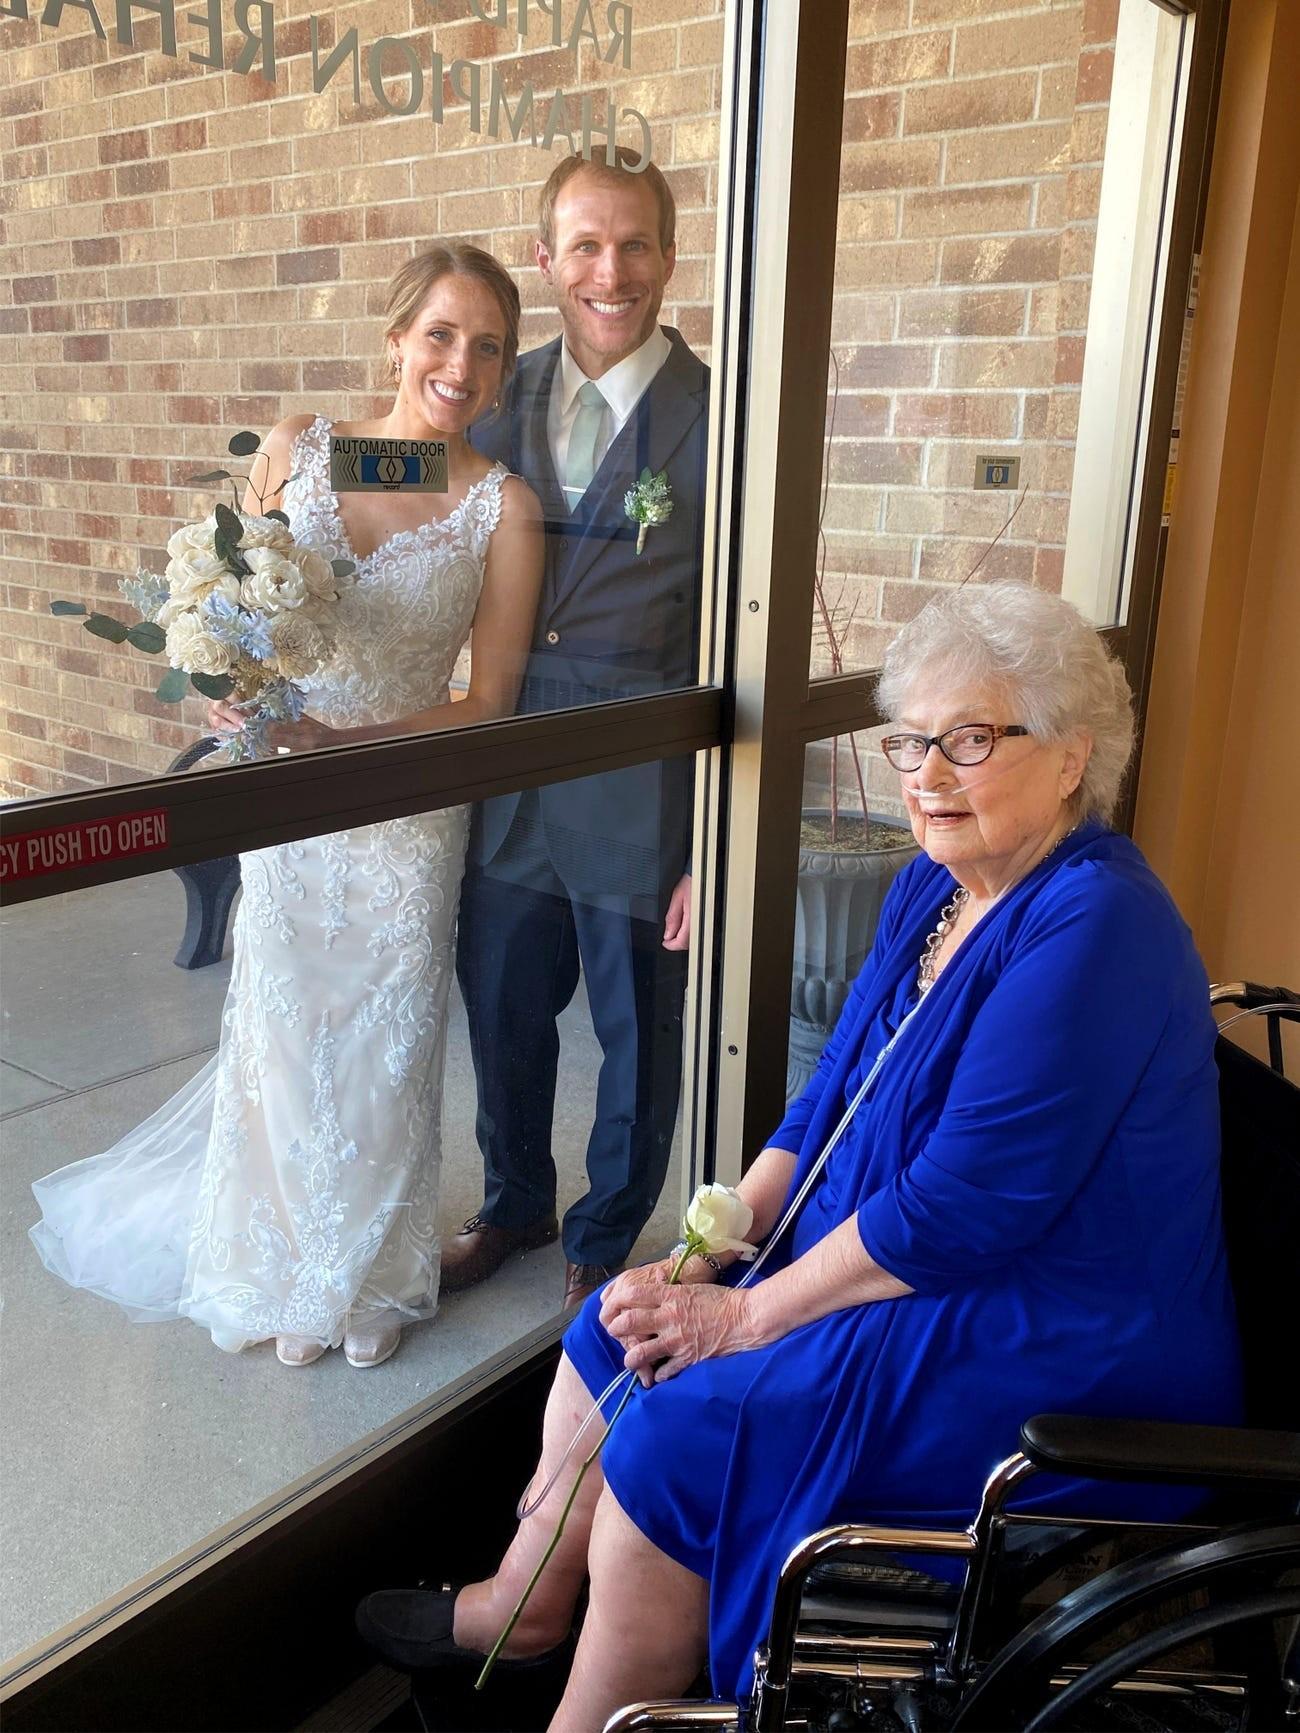 ▲▼新冠期間新婚夫妻結婚。(圖/翻攝自Insider)